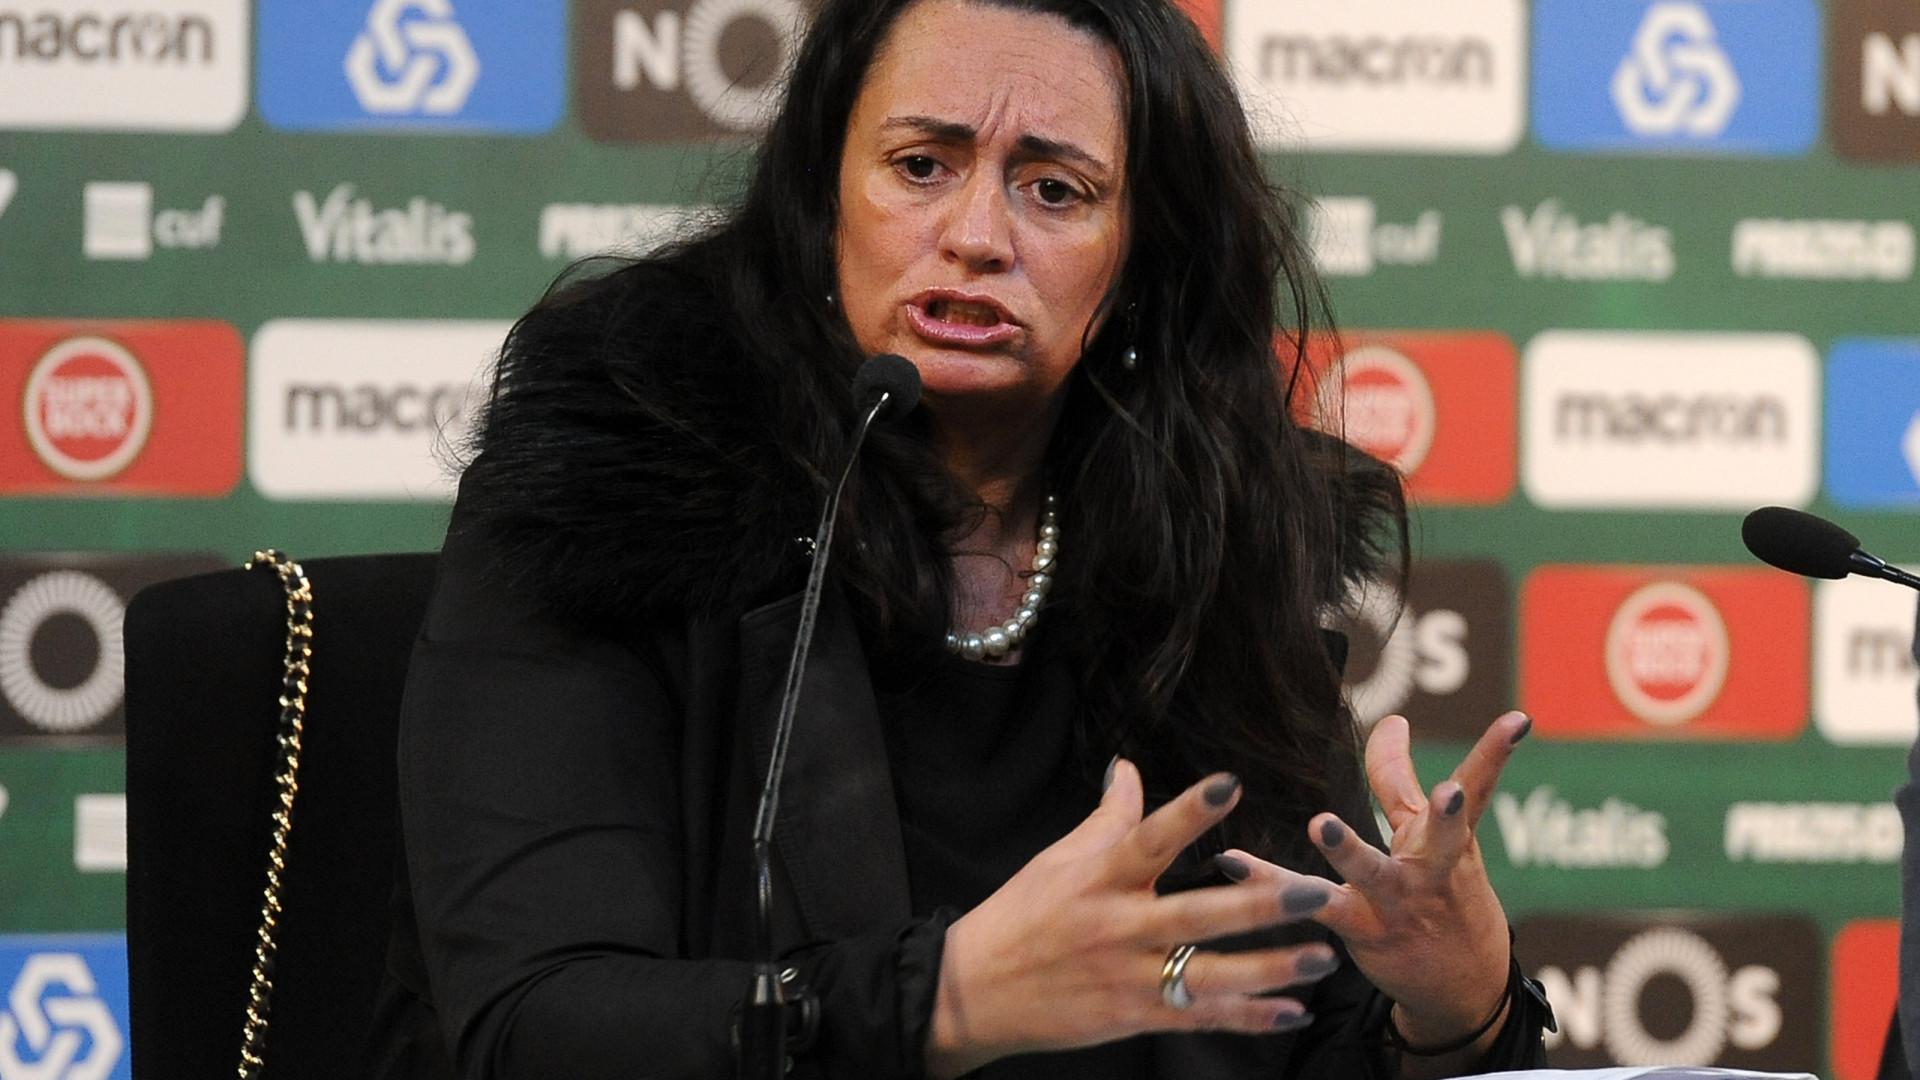 """BdC arrasado por Elsa Judas: """"É triste ver a decadência de um ser humano"""""""